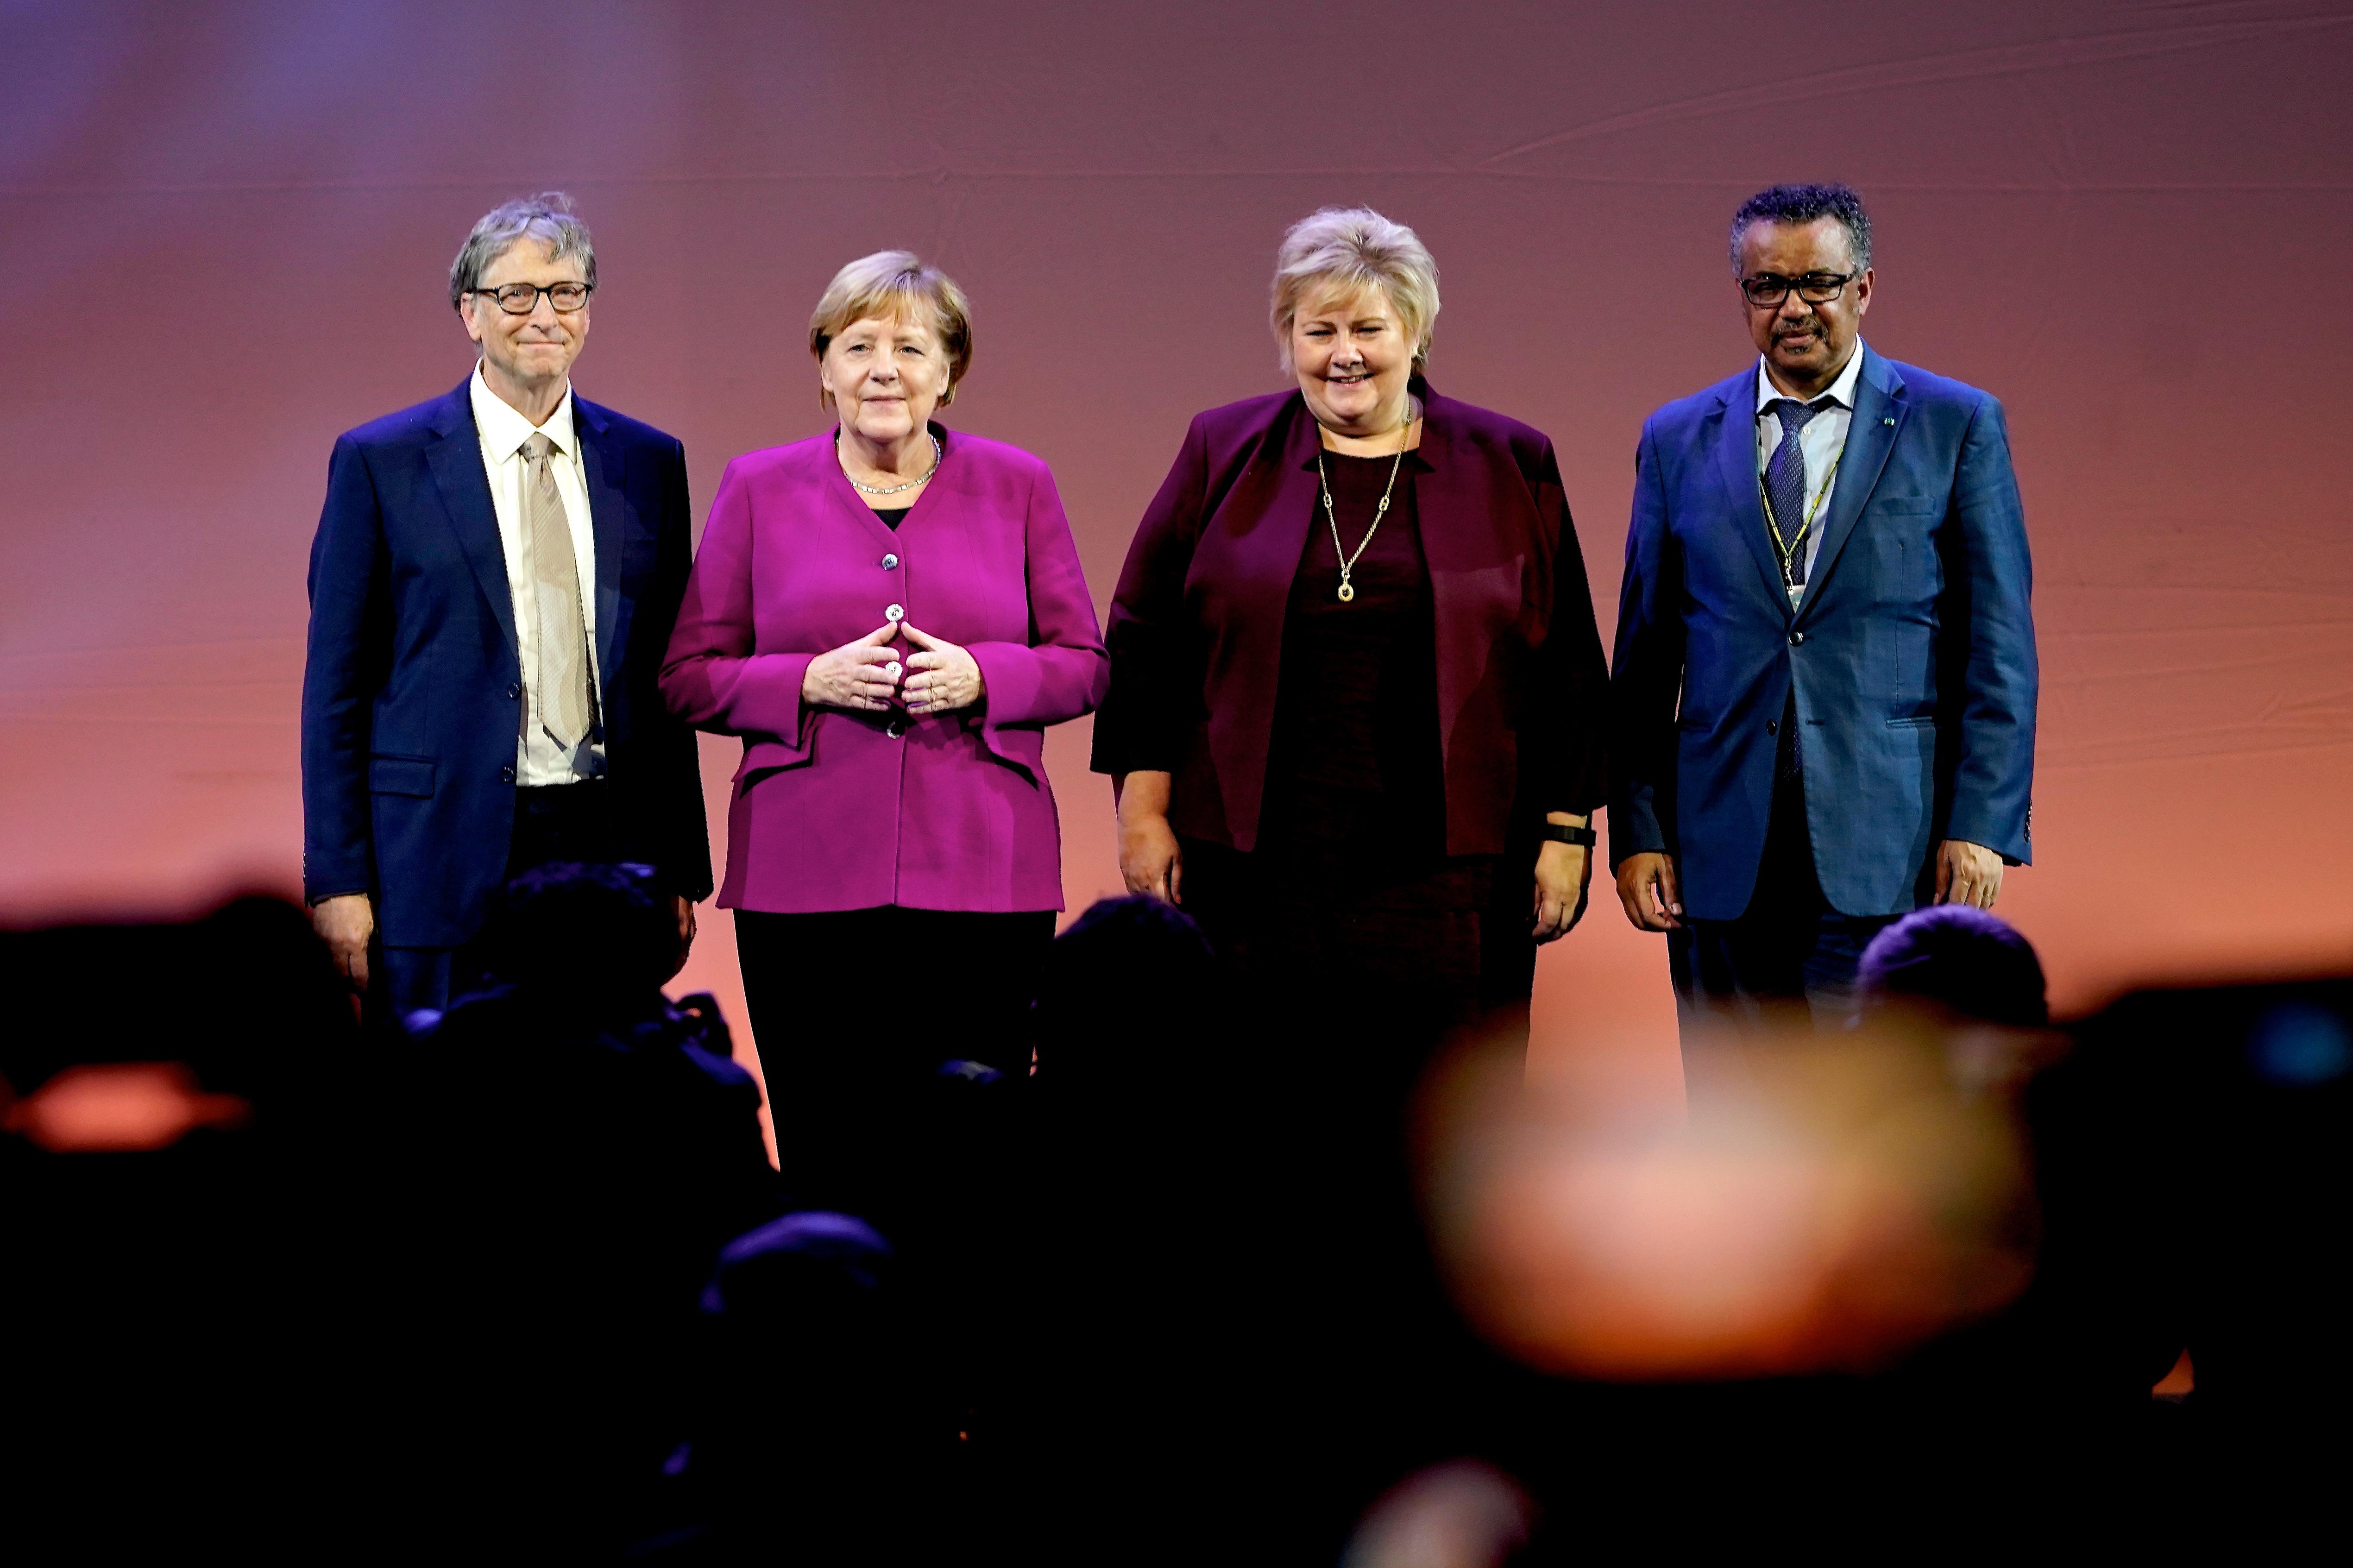 Erna Solberg zum 10. Weltgesundheitsgipfel mit Angela Merkel, Bill Gates und WHO-Generaldirektor Tedros Adhanom Ghebreyesus©World Health Summit.